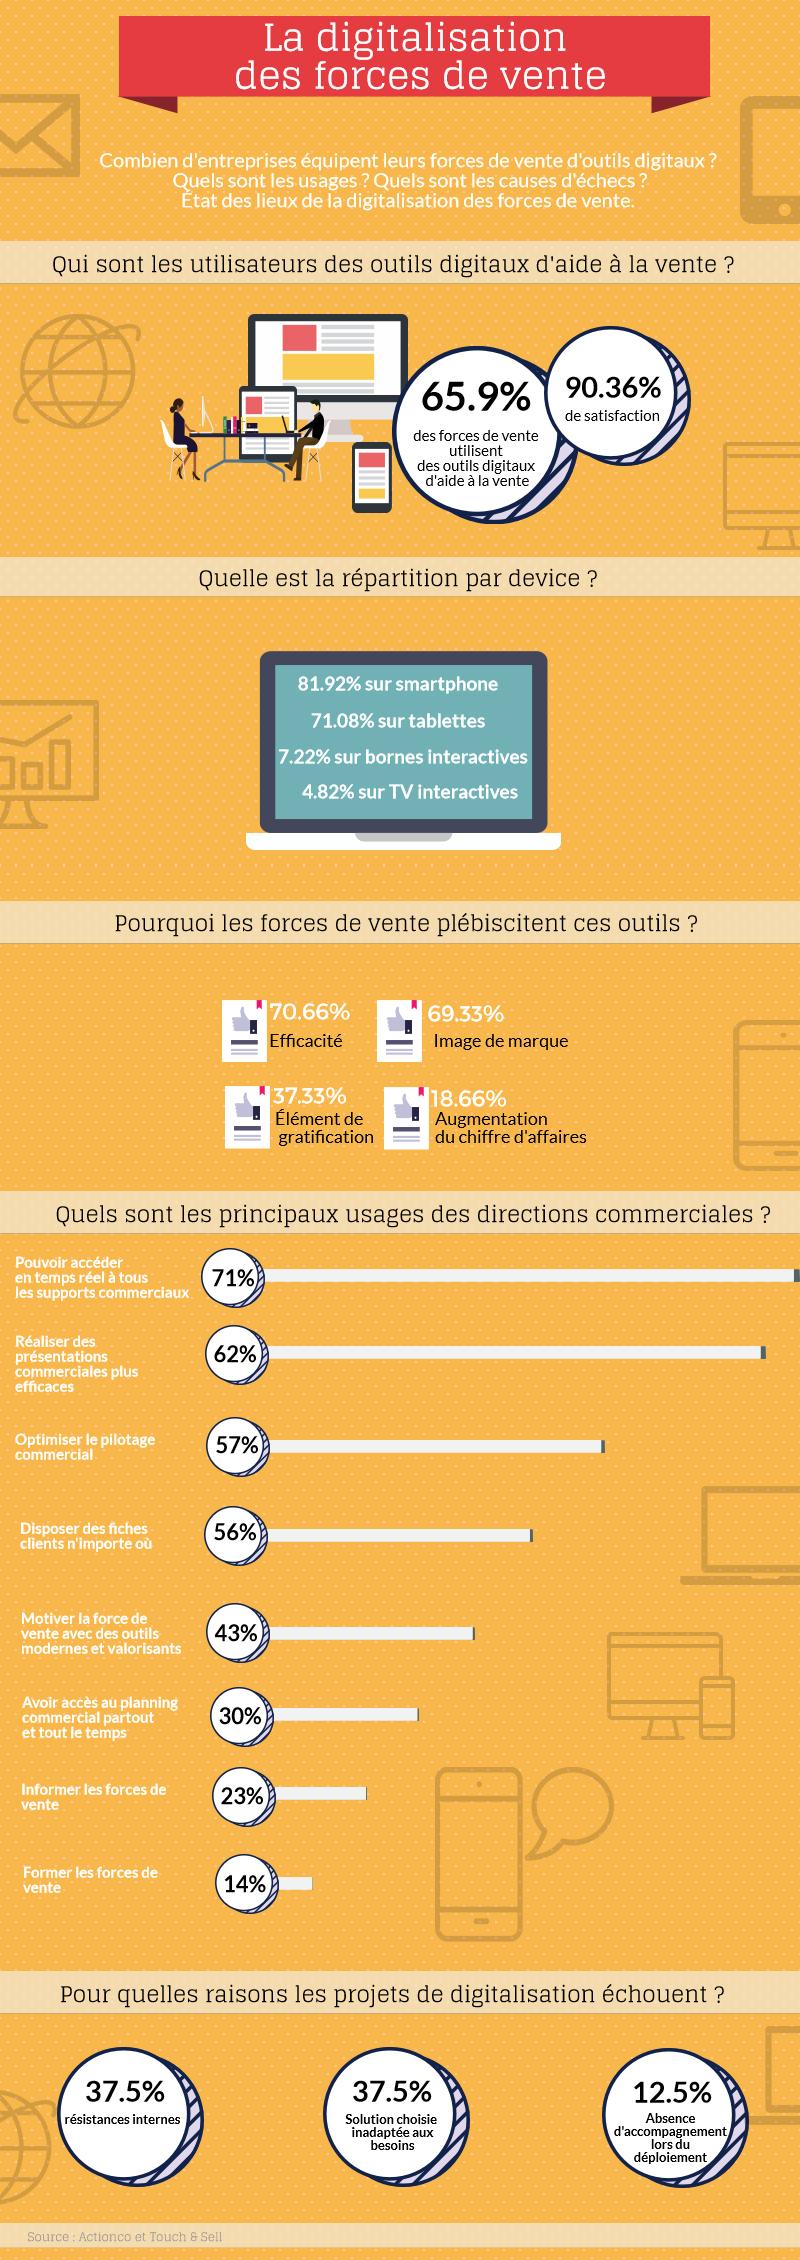 La digitalisation des forces de vente en infographie